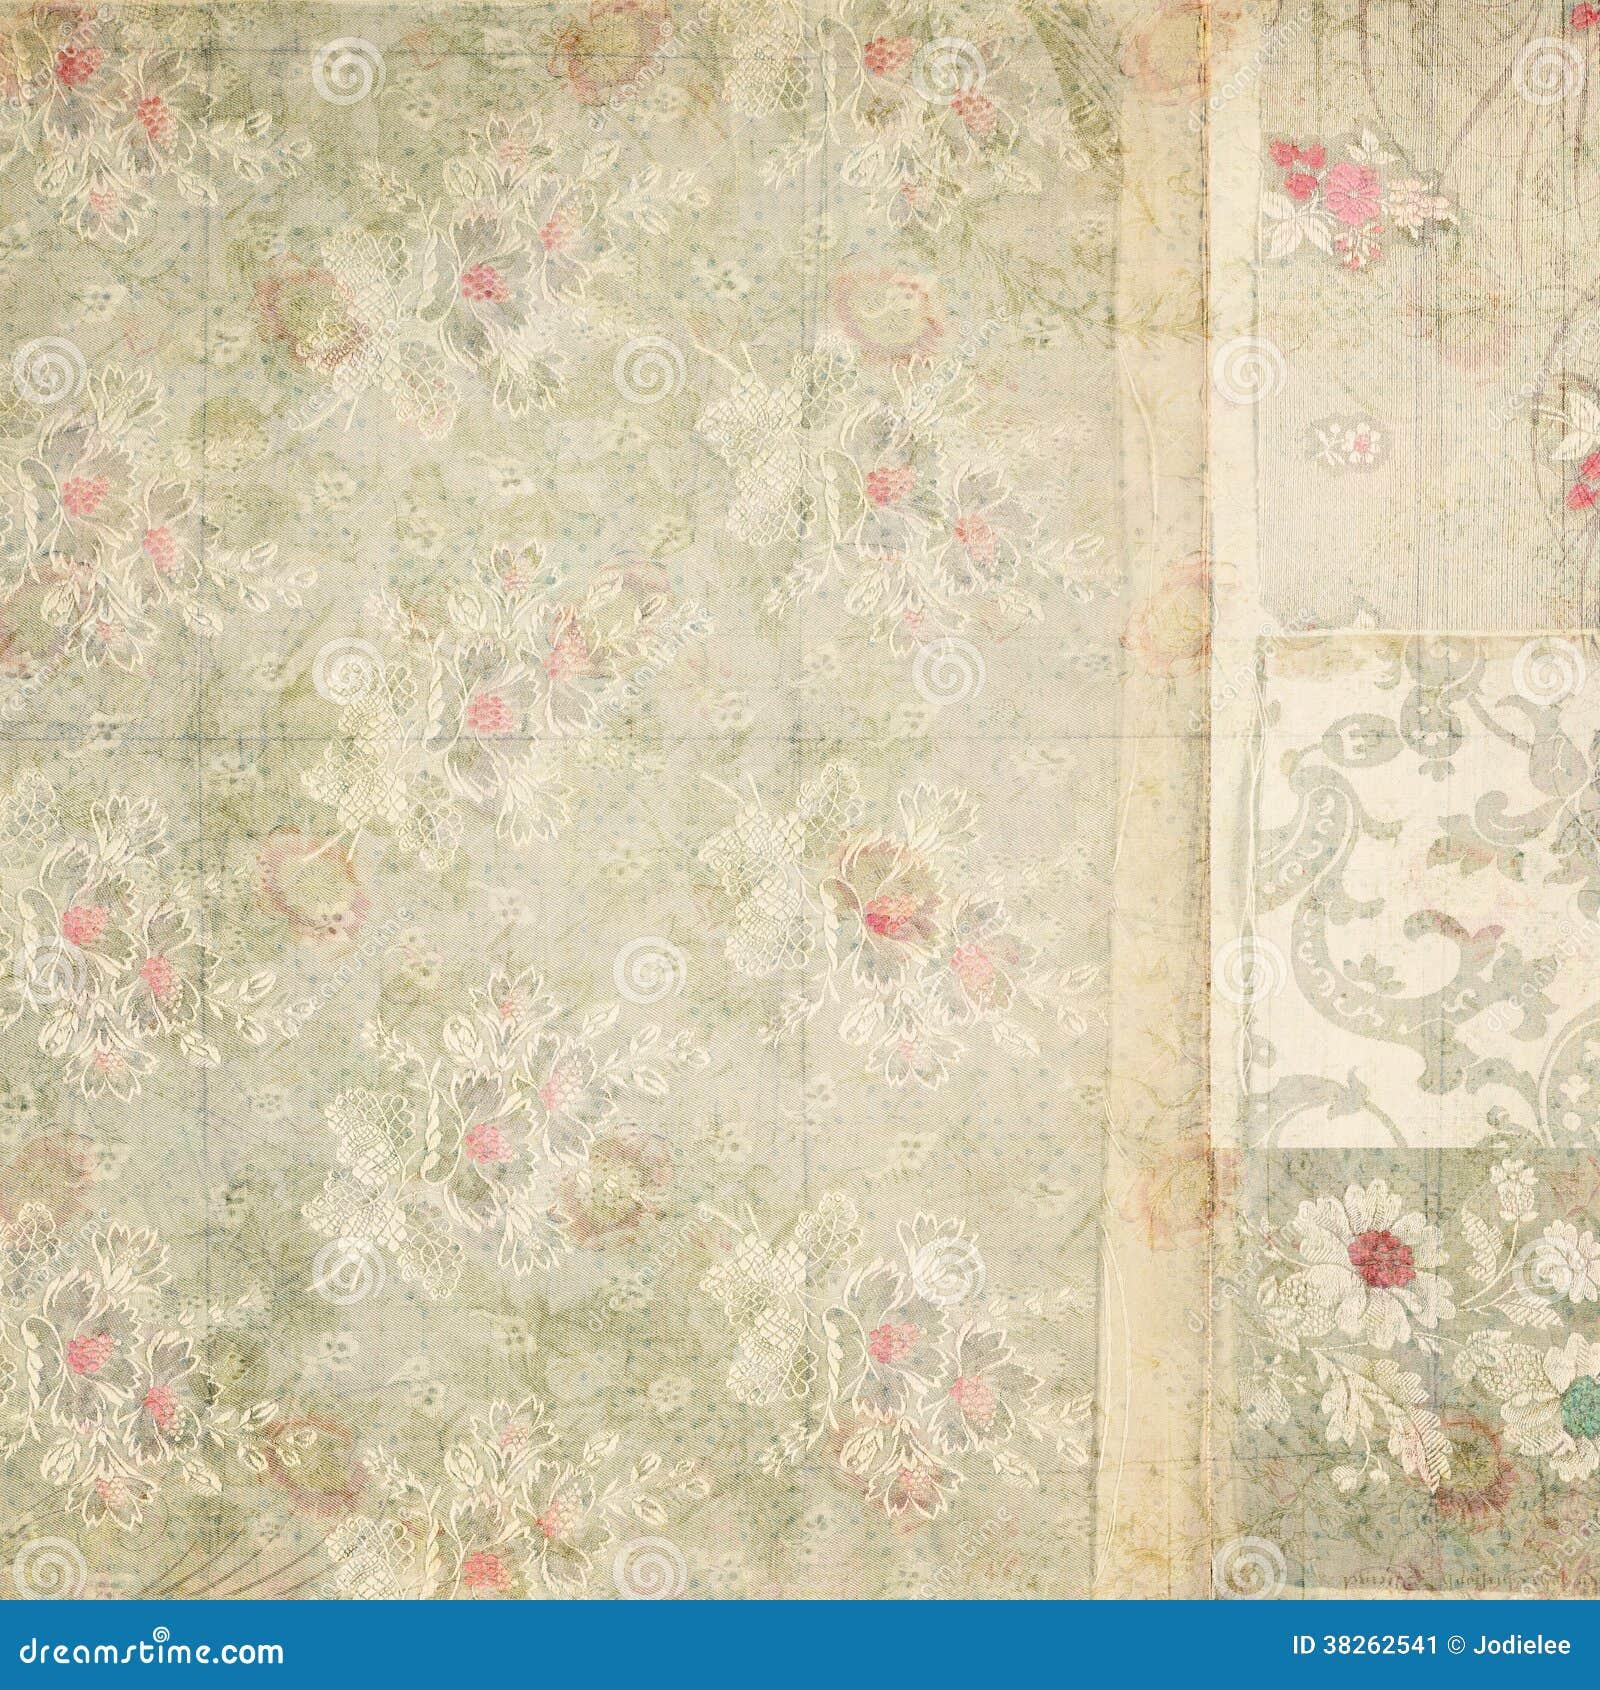 fond antique de collage de papier peint floral de vintage image stock image du mariage pli. Black Bedroom Furniture Sets. Home Design Ideas